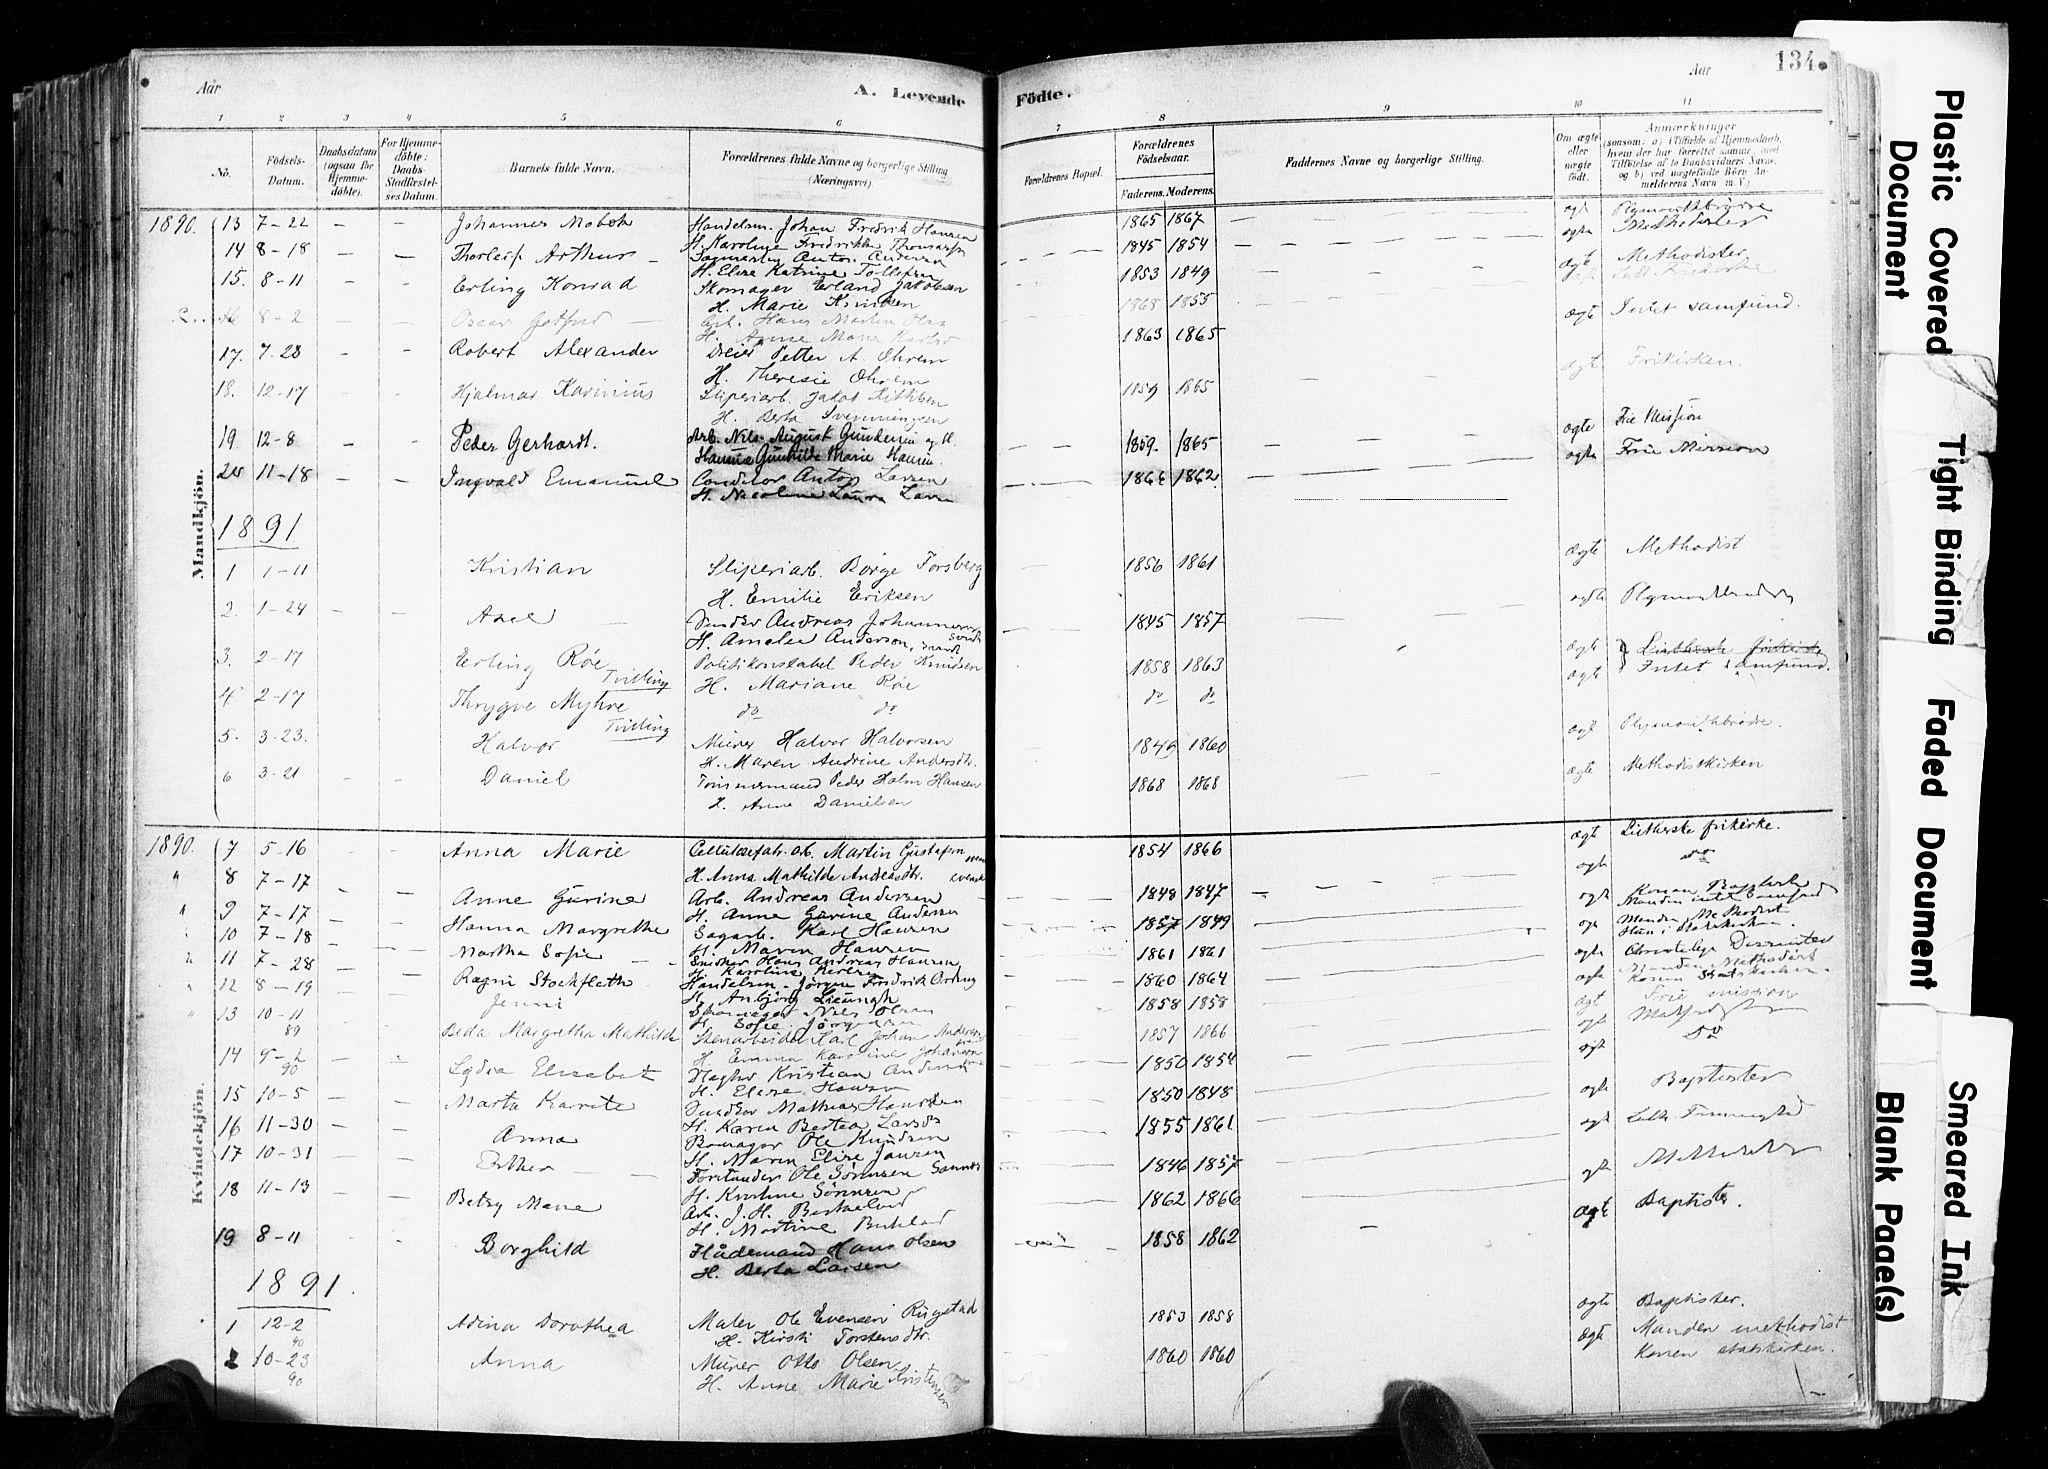 SAKO, Skien kirkebøker, F/Fa/L0009: Ministerialbok nr. 9, 1878-1890, s. 134